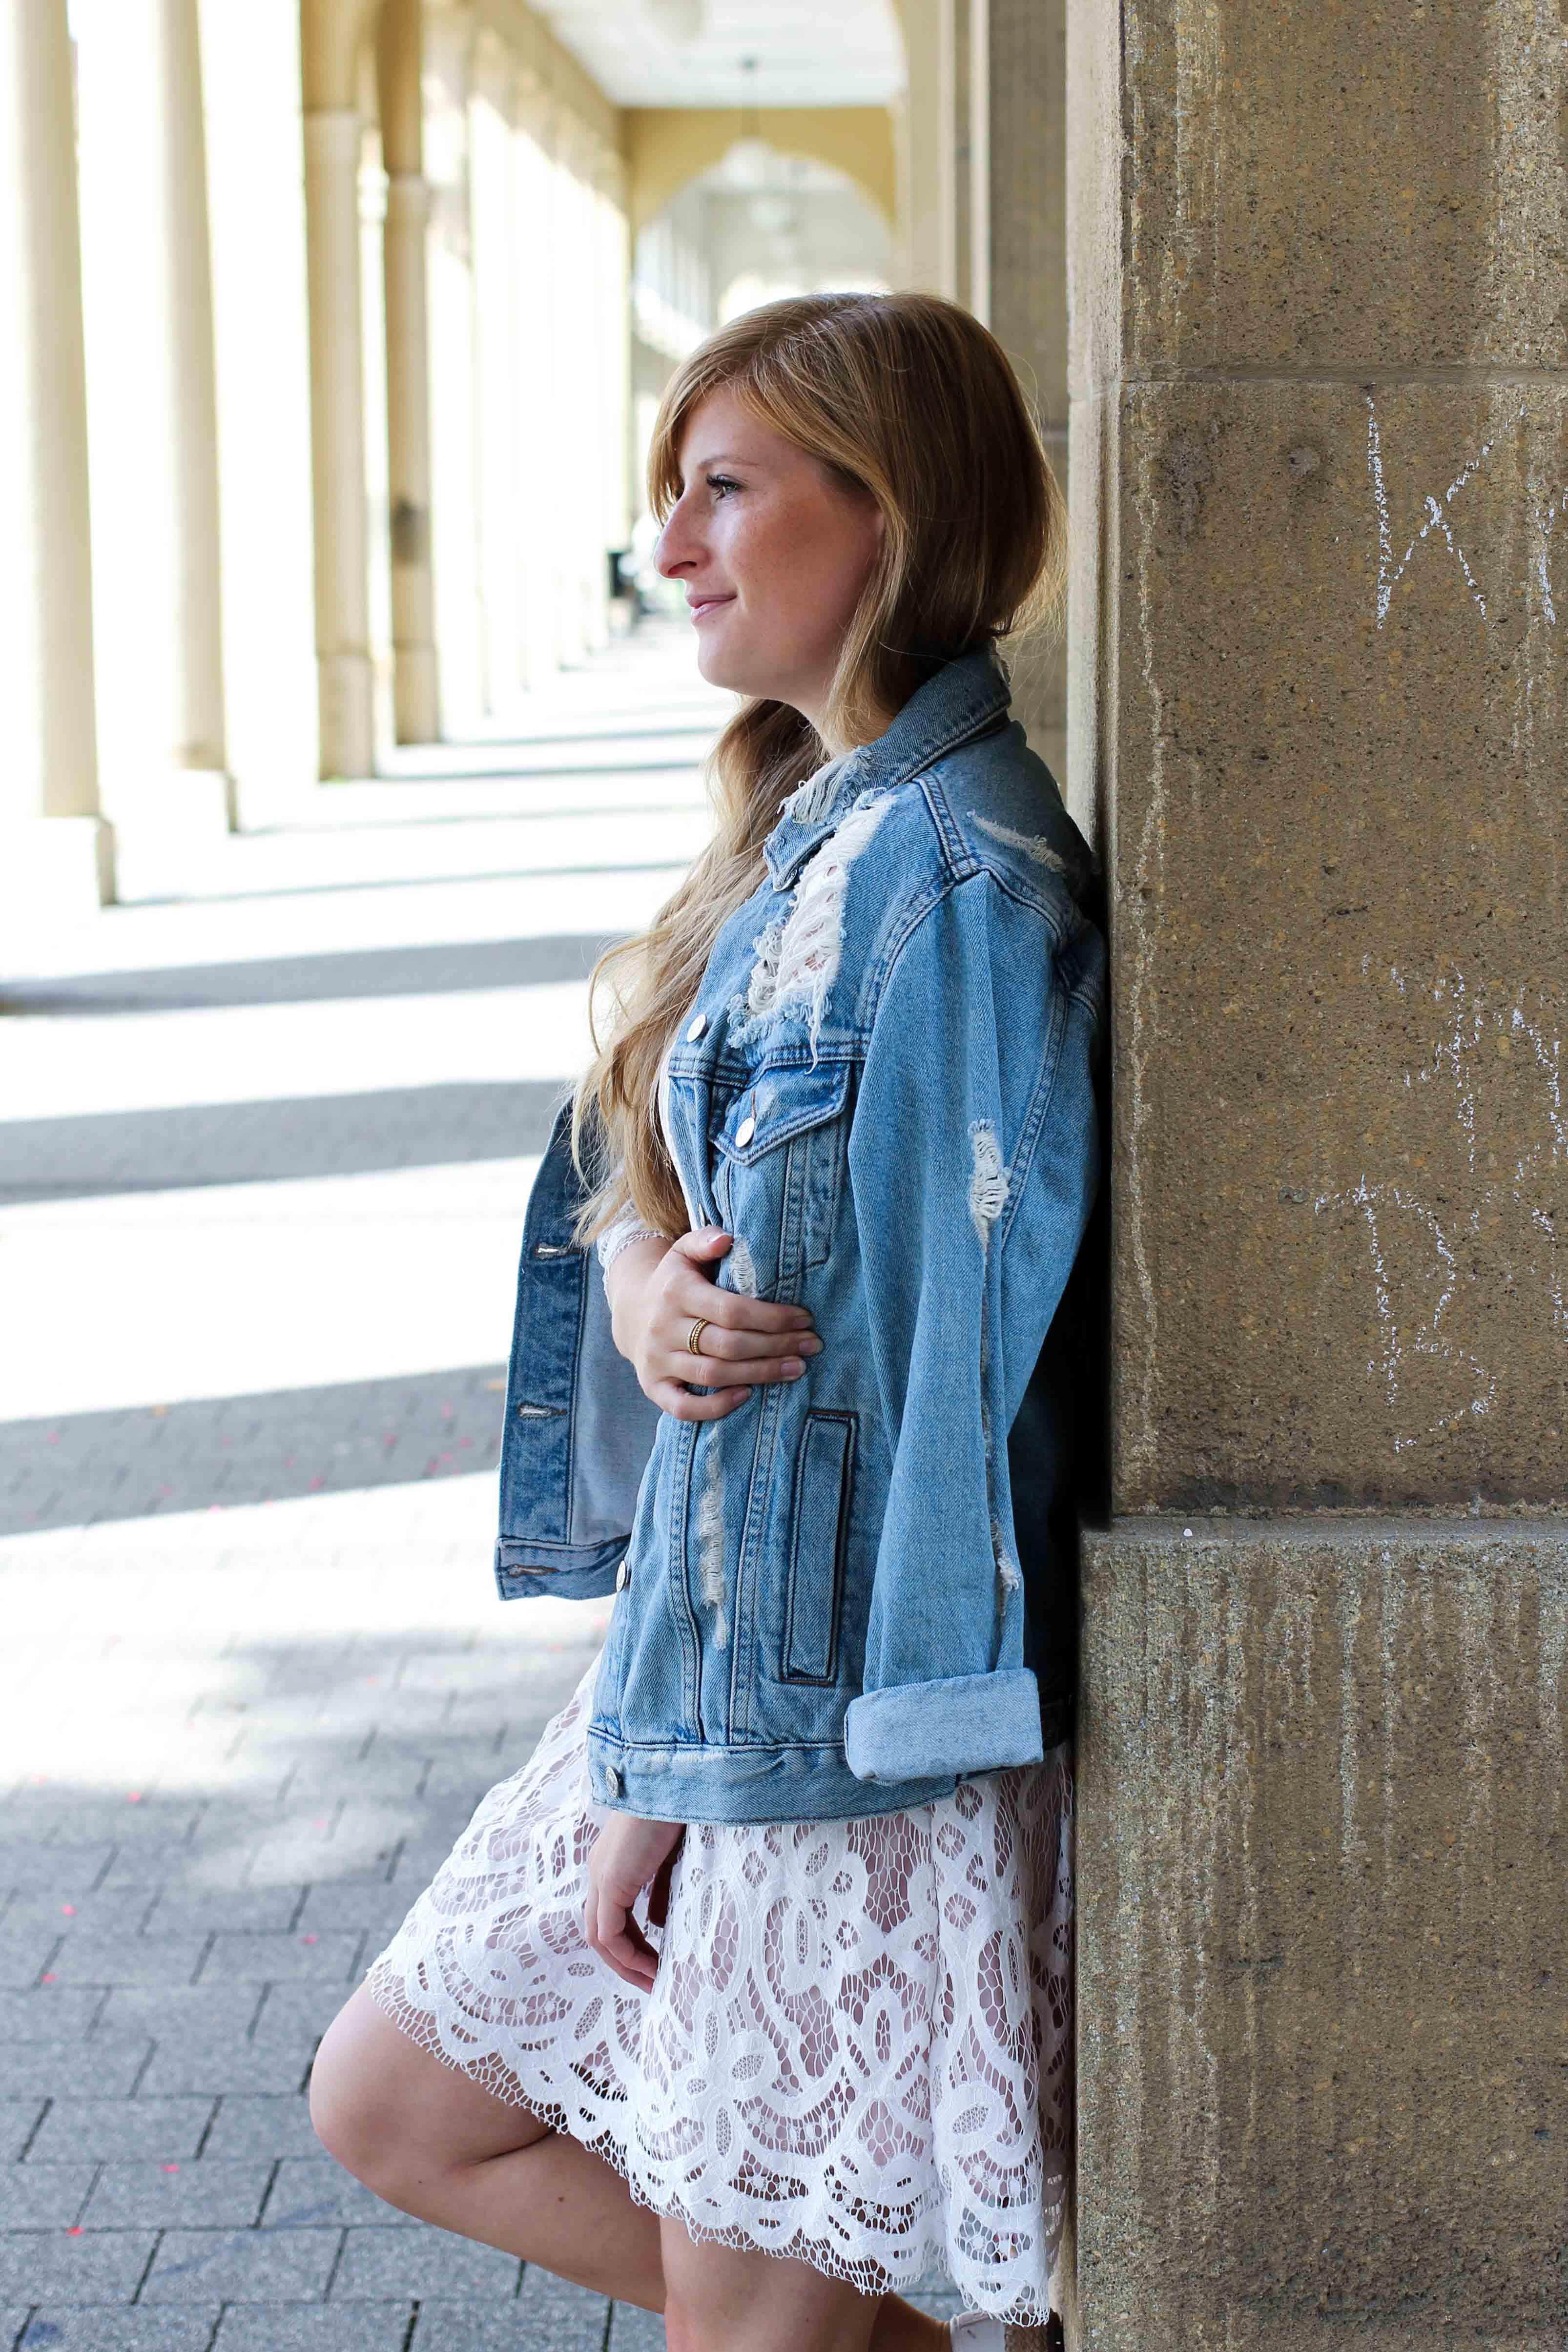 Wei es spitzenkleid zerrissene jeansjacke sommerschuhe for Jeansjacke kombinieren